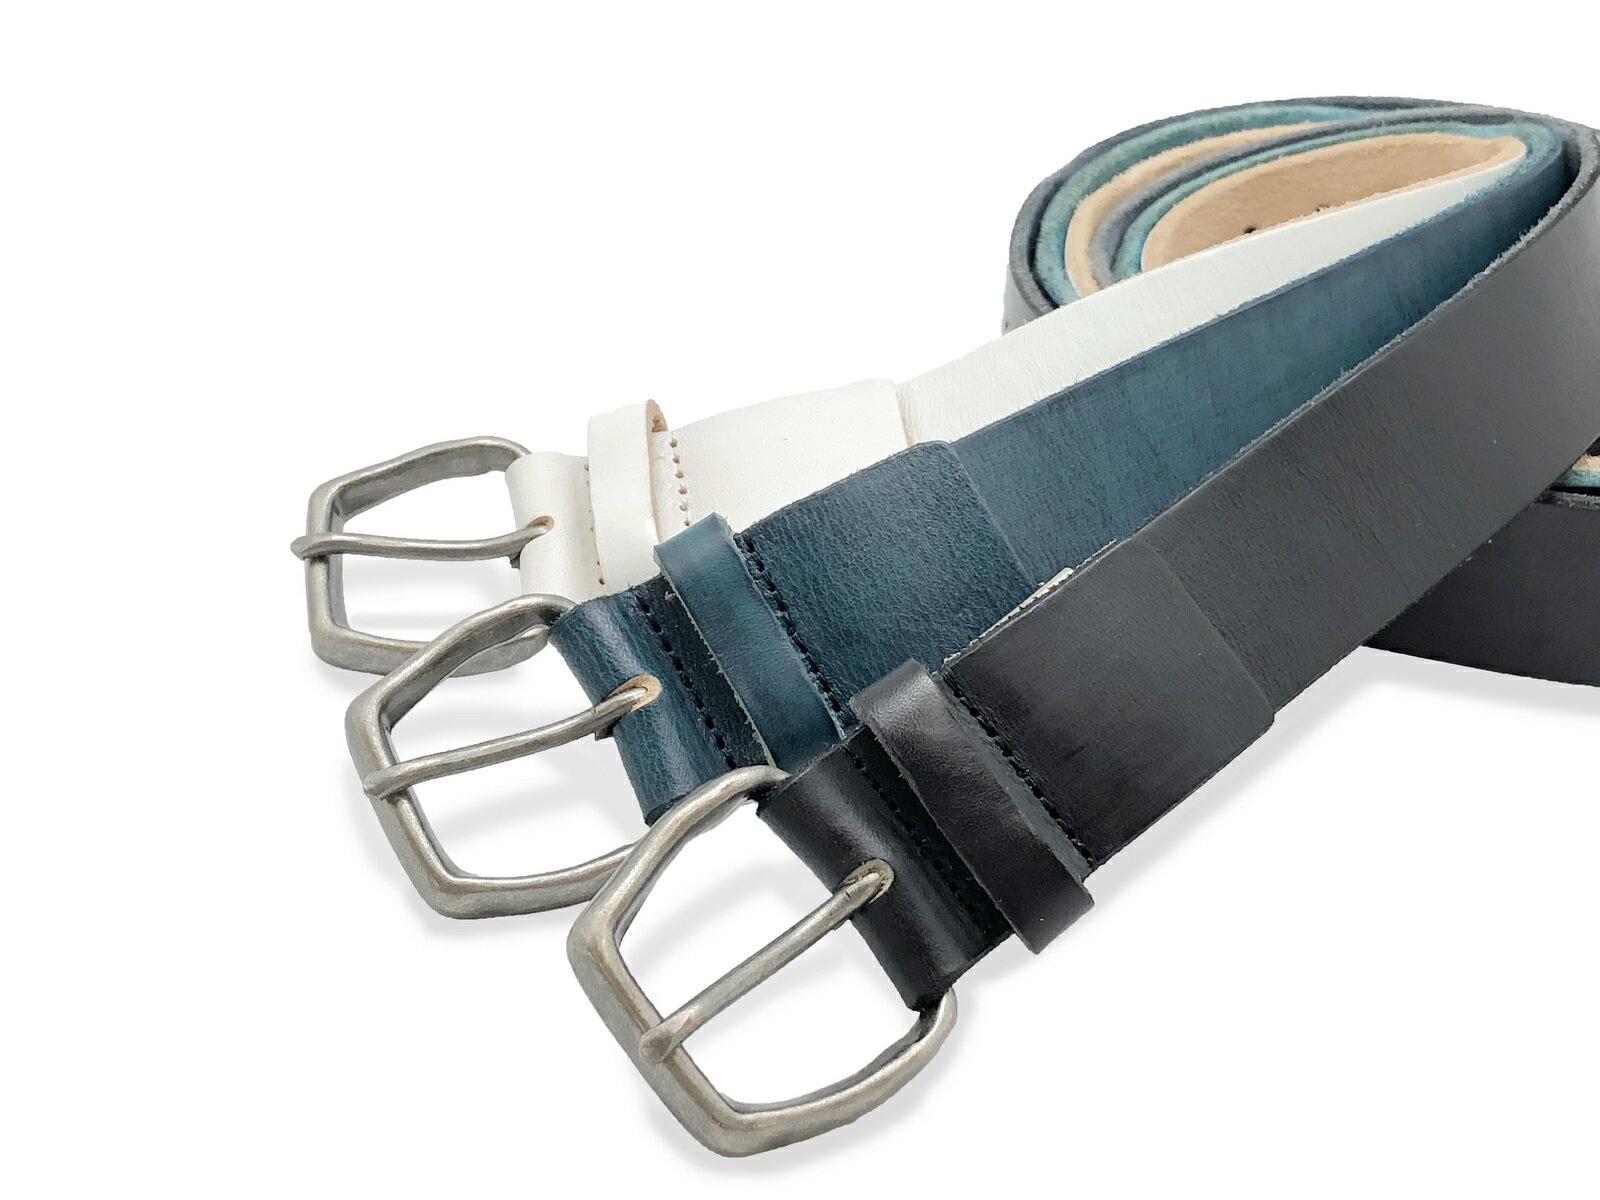 ファルシオ パンチング スタッズ 一枚物ベルト メンズ/ユニセックス ブラック/ブルー/ホワイト 本革 牛革 ビンテージベルト SB-067